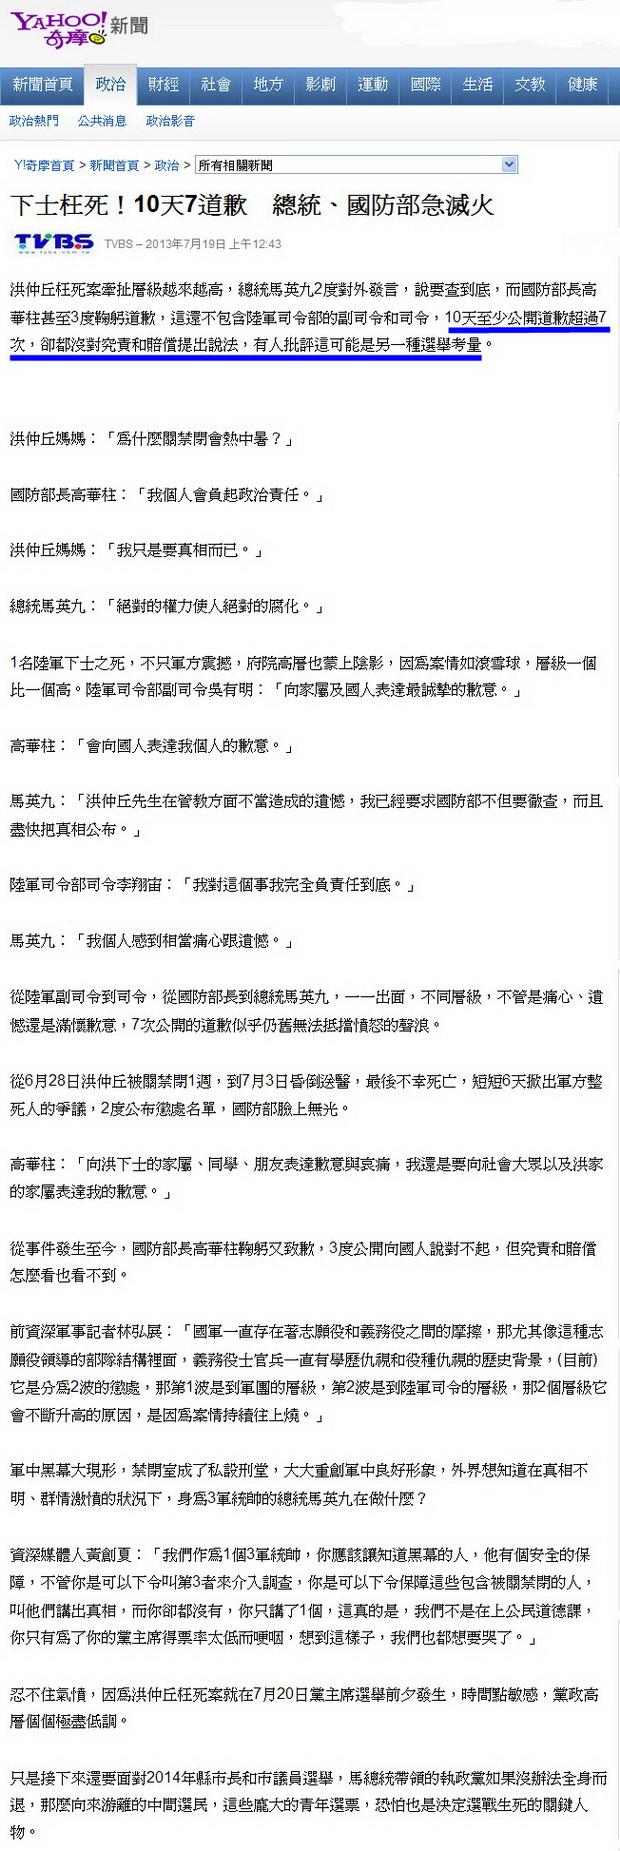 下士枉死!10天7道歉 總統、國防部急滅火-2013.07.19-01.jpg